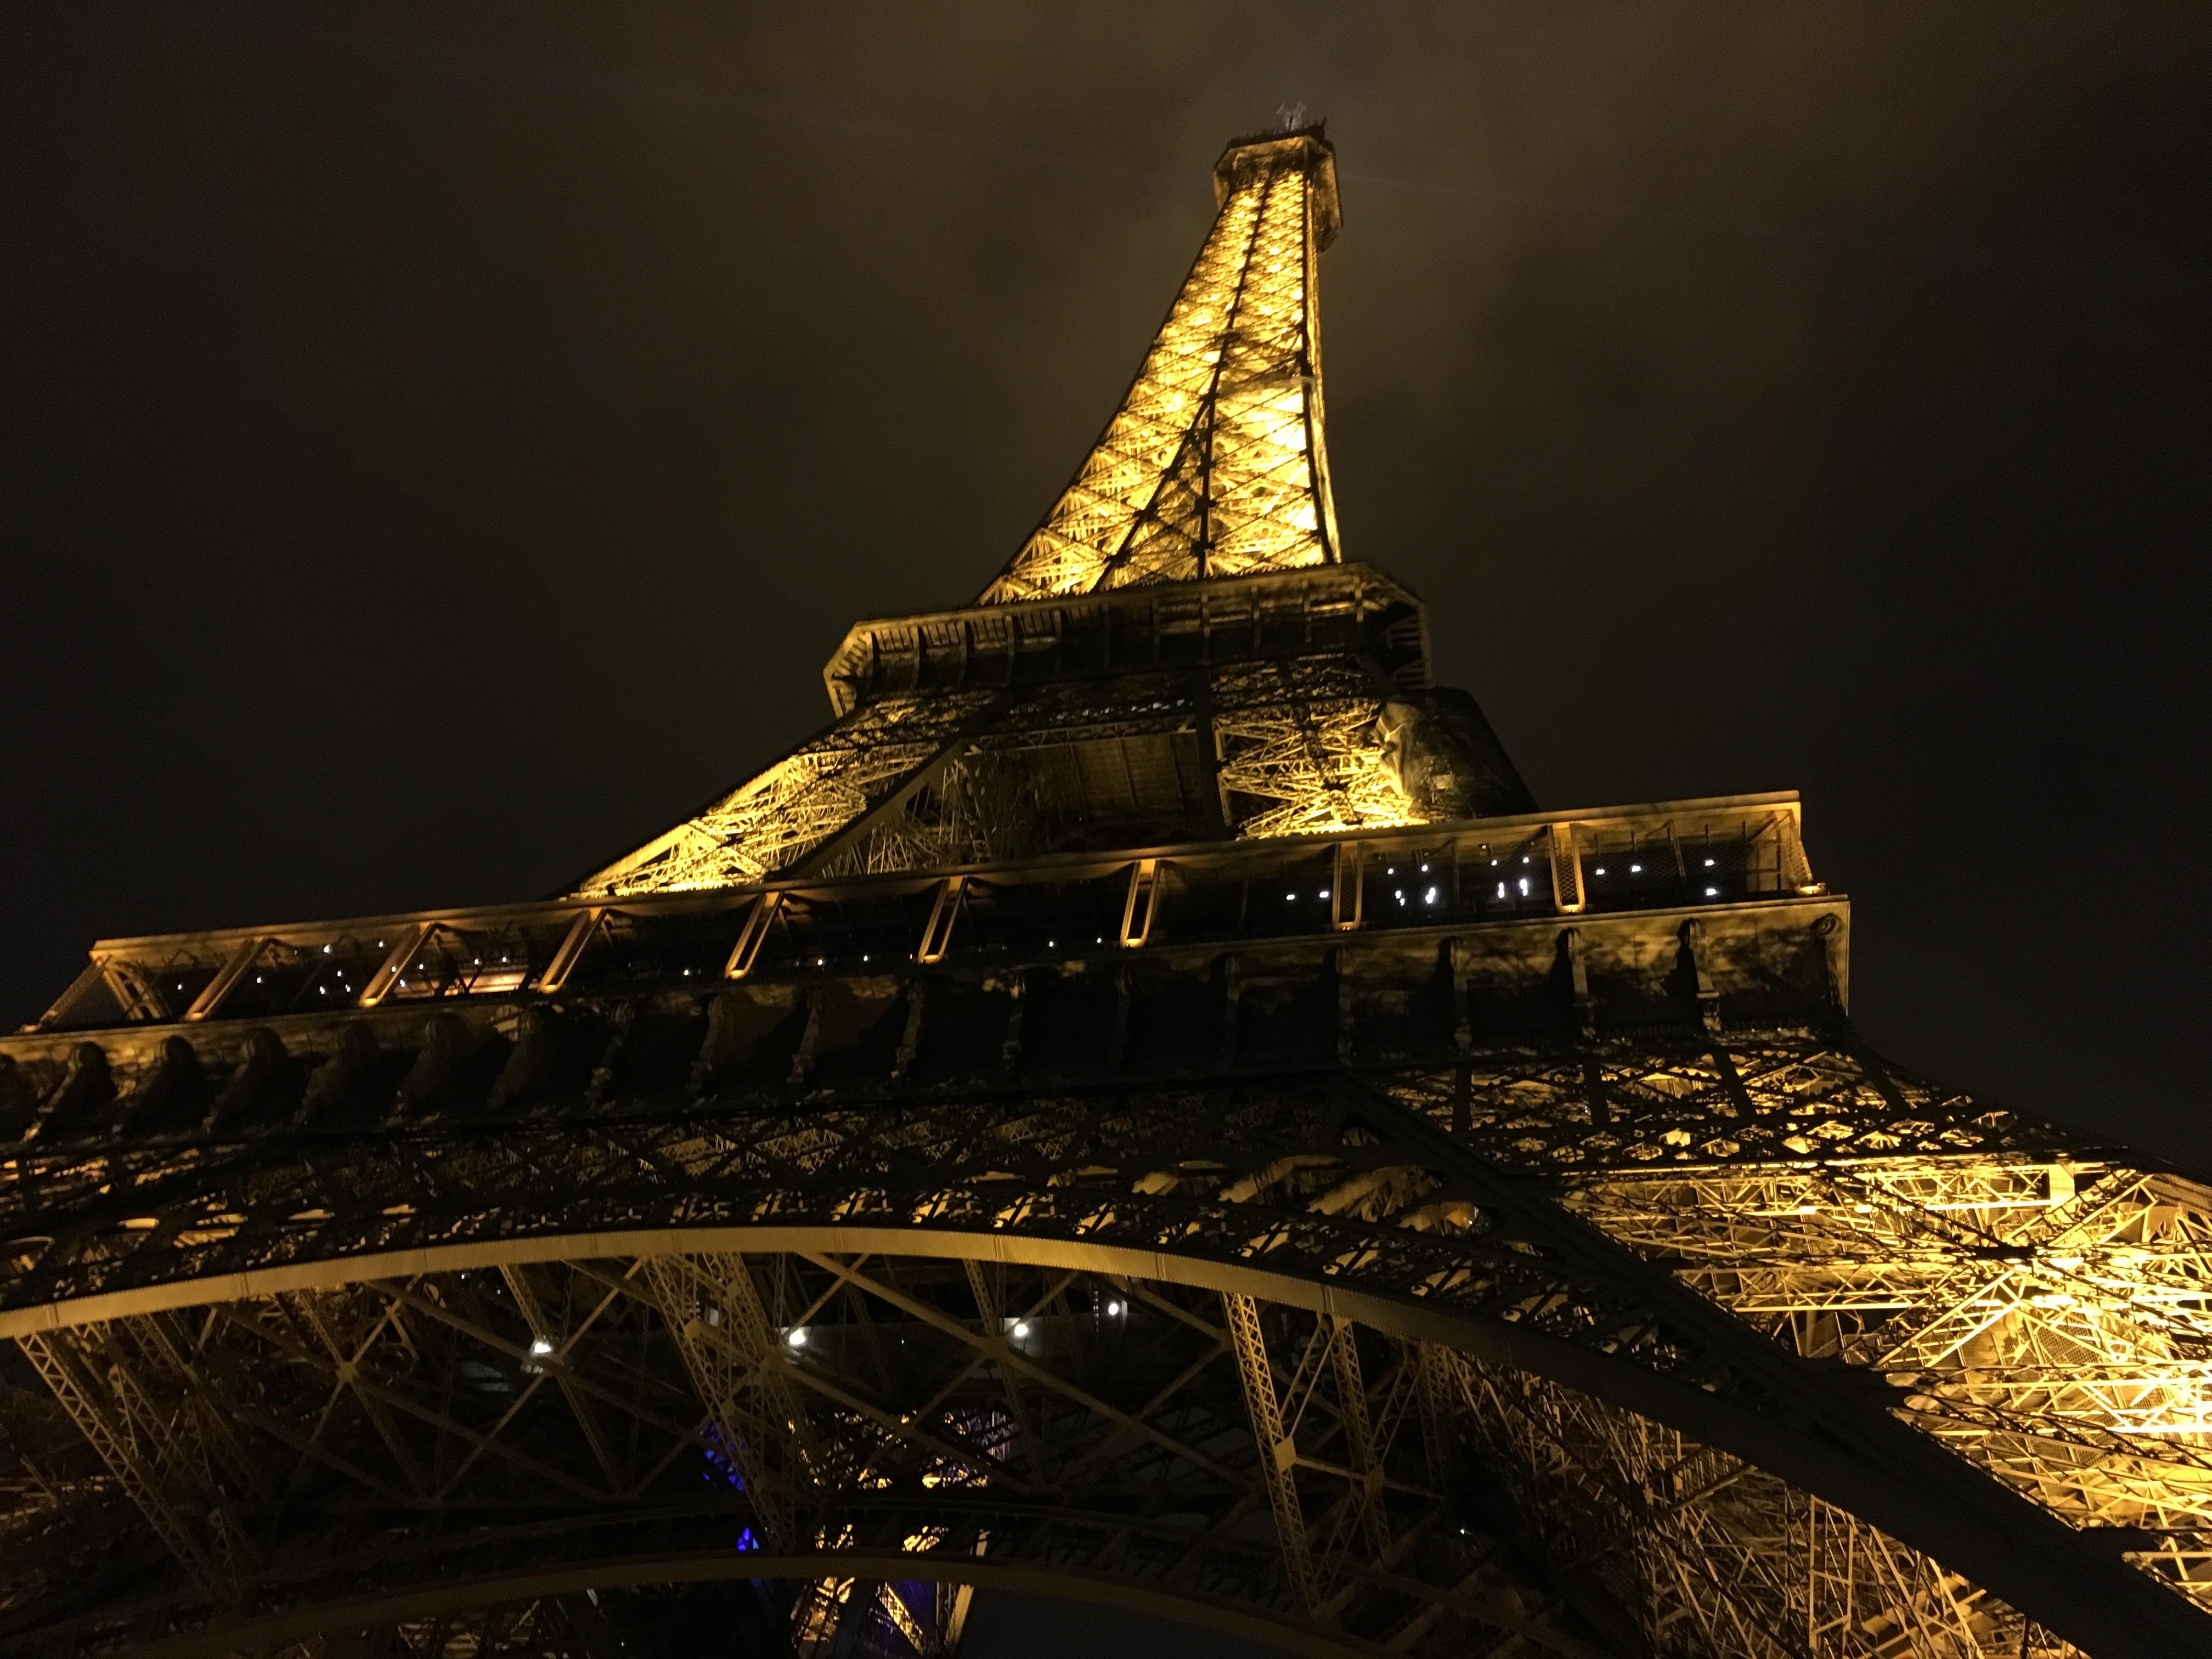 Quando Mettono Le Luci Di Natale A Parigi.Parigi Radici Blog Di Cucina Vegetariana E Vegana Di